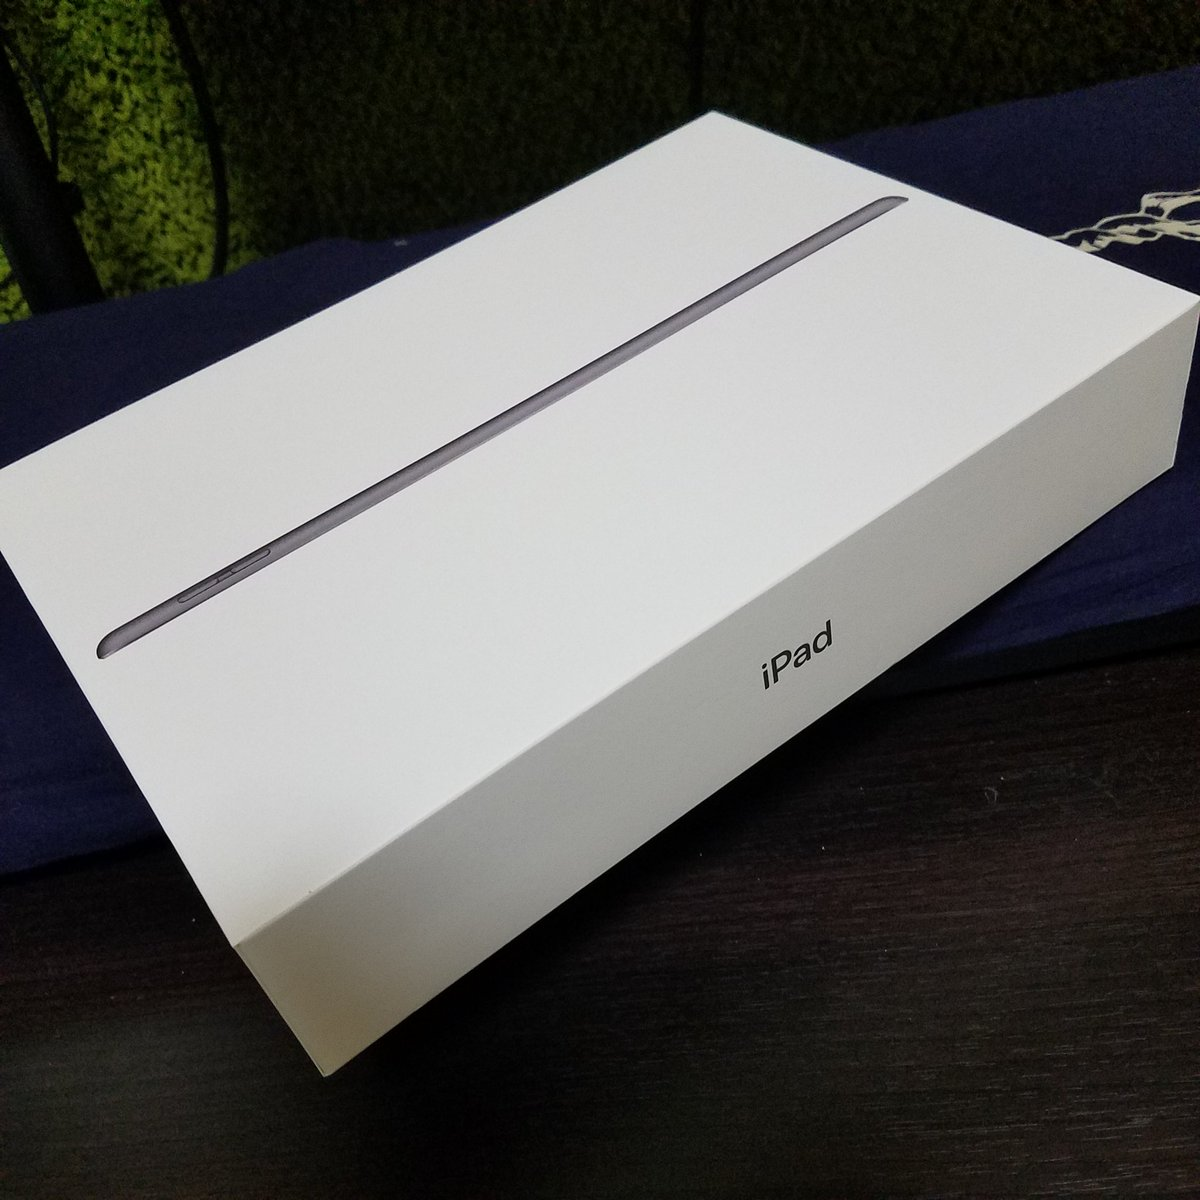 ほぼ配信にしか使わないので一番安いやつ。  #iPad #第8世代 #第7世代は10円安かった https://t.co/MqFZLZqNts